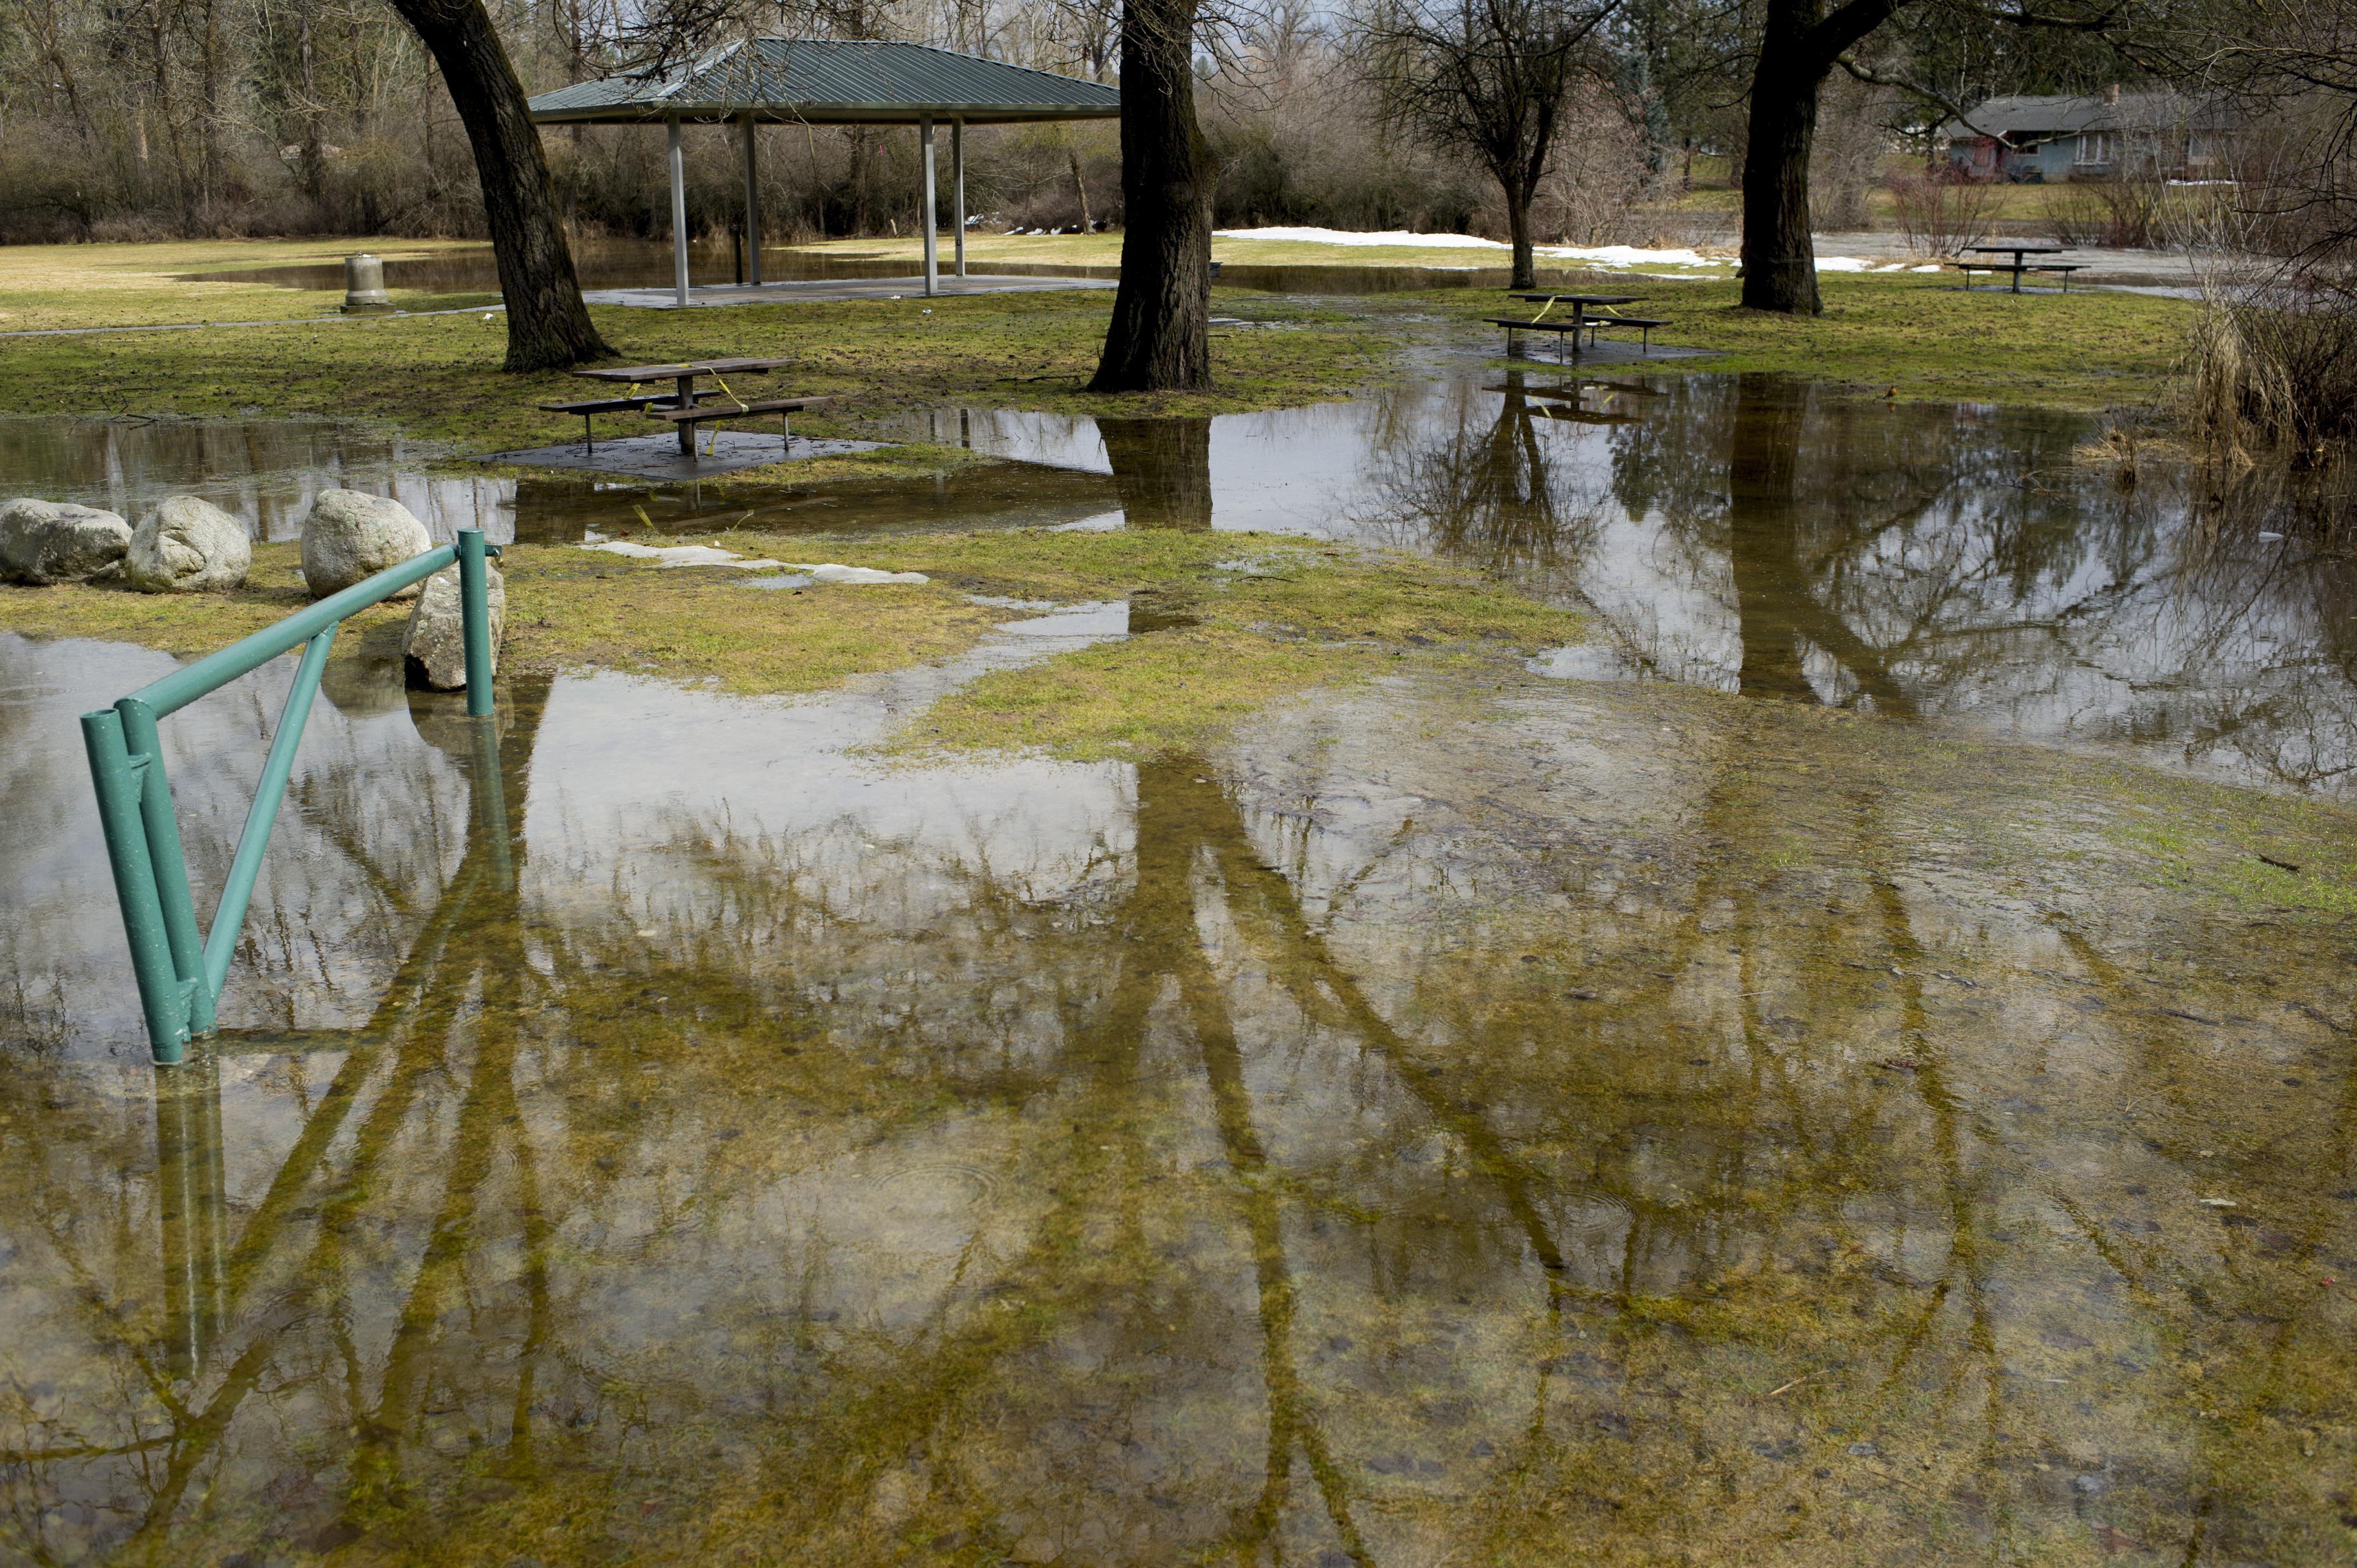 Spokane River, Lake Coeur d'Alene rising to flood stage ...